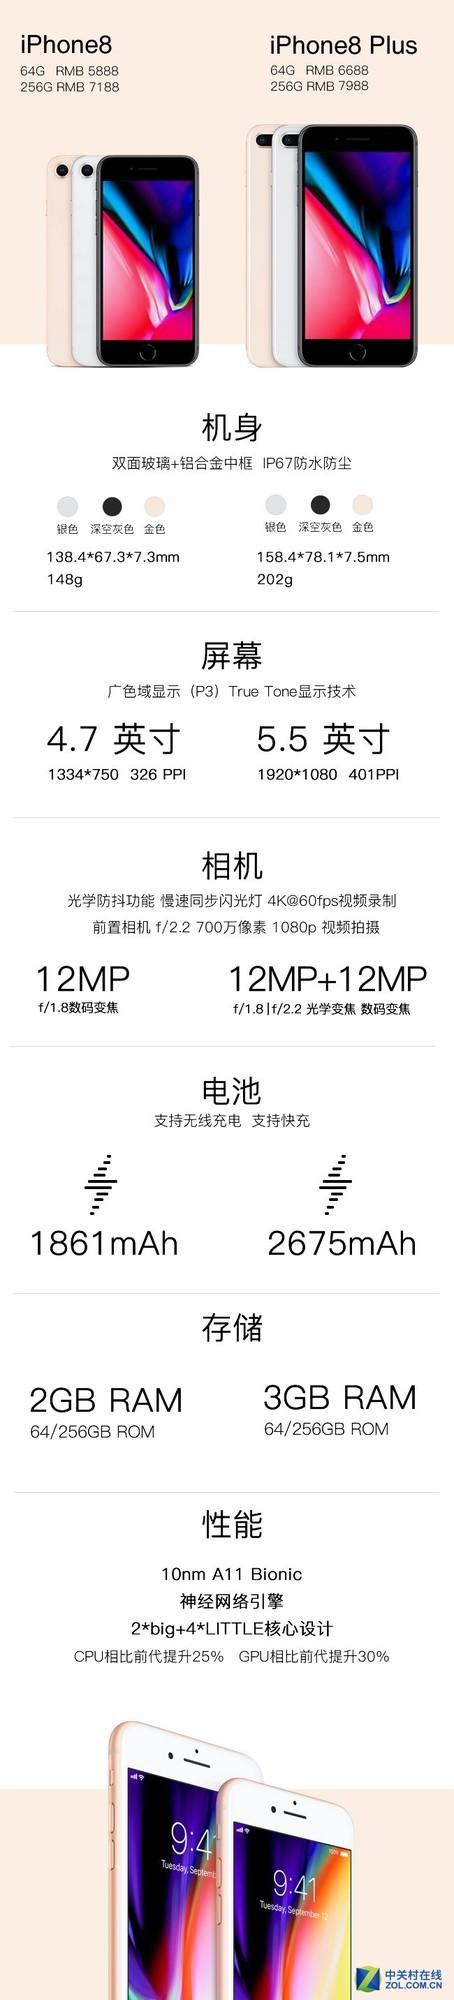 苹果iPhone8 Plus评测